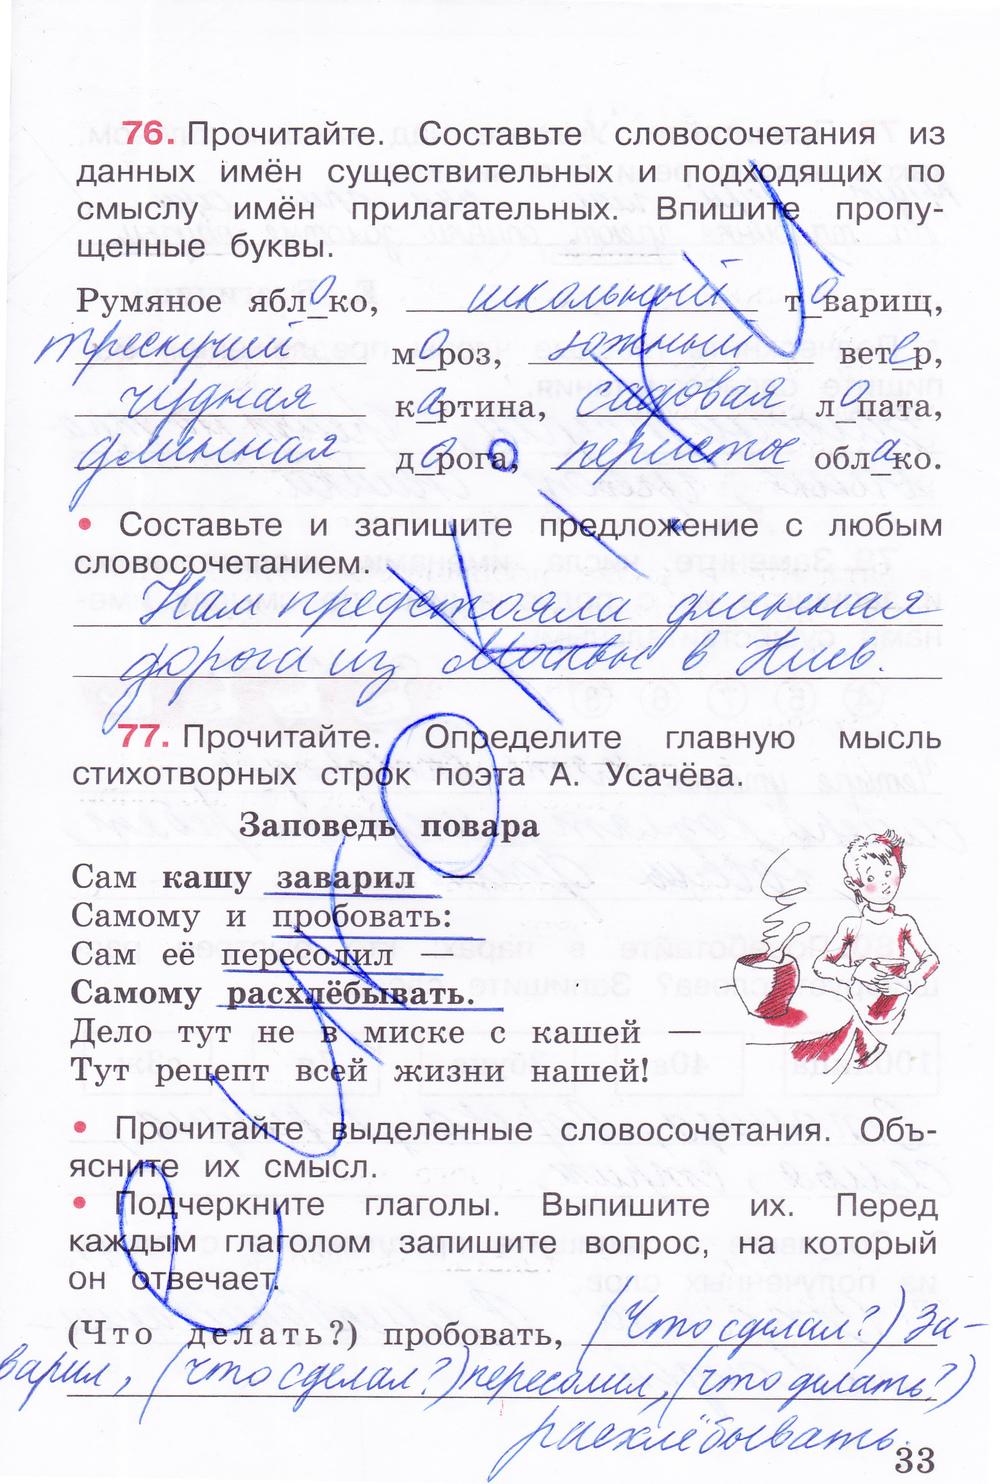 Рабочая тетрадь по русскому языку канакина 3 класс решебник онлайн